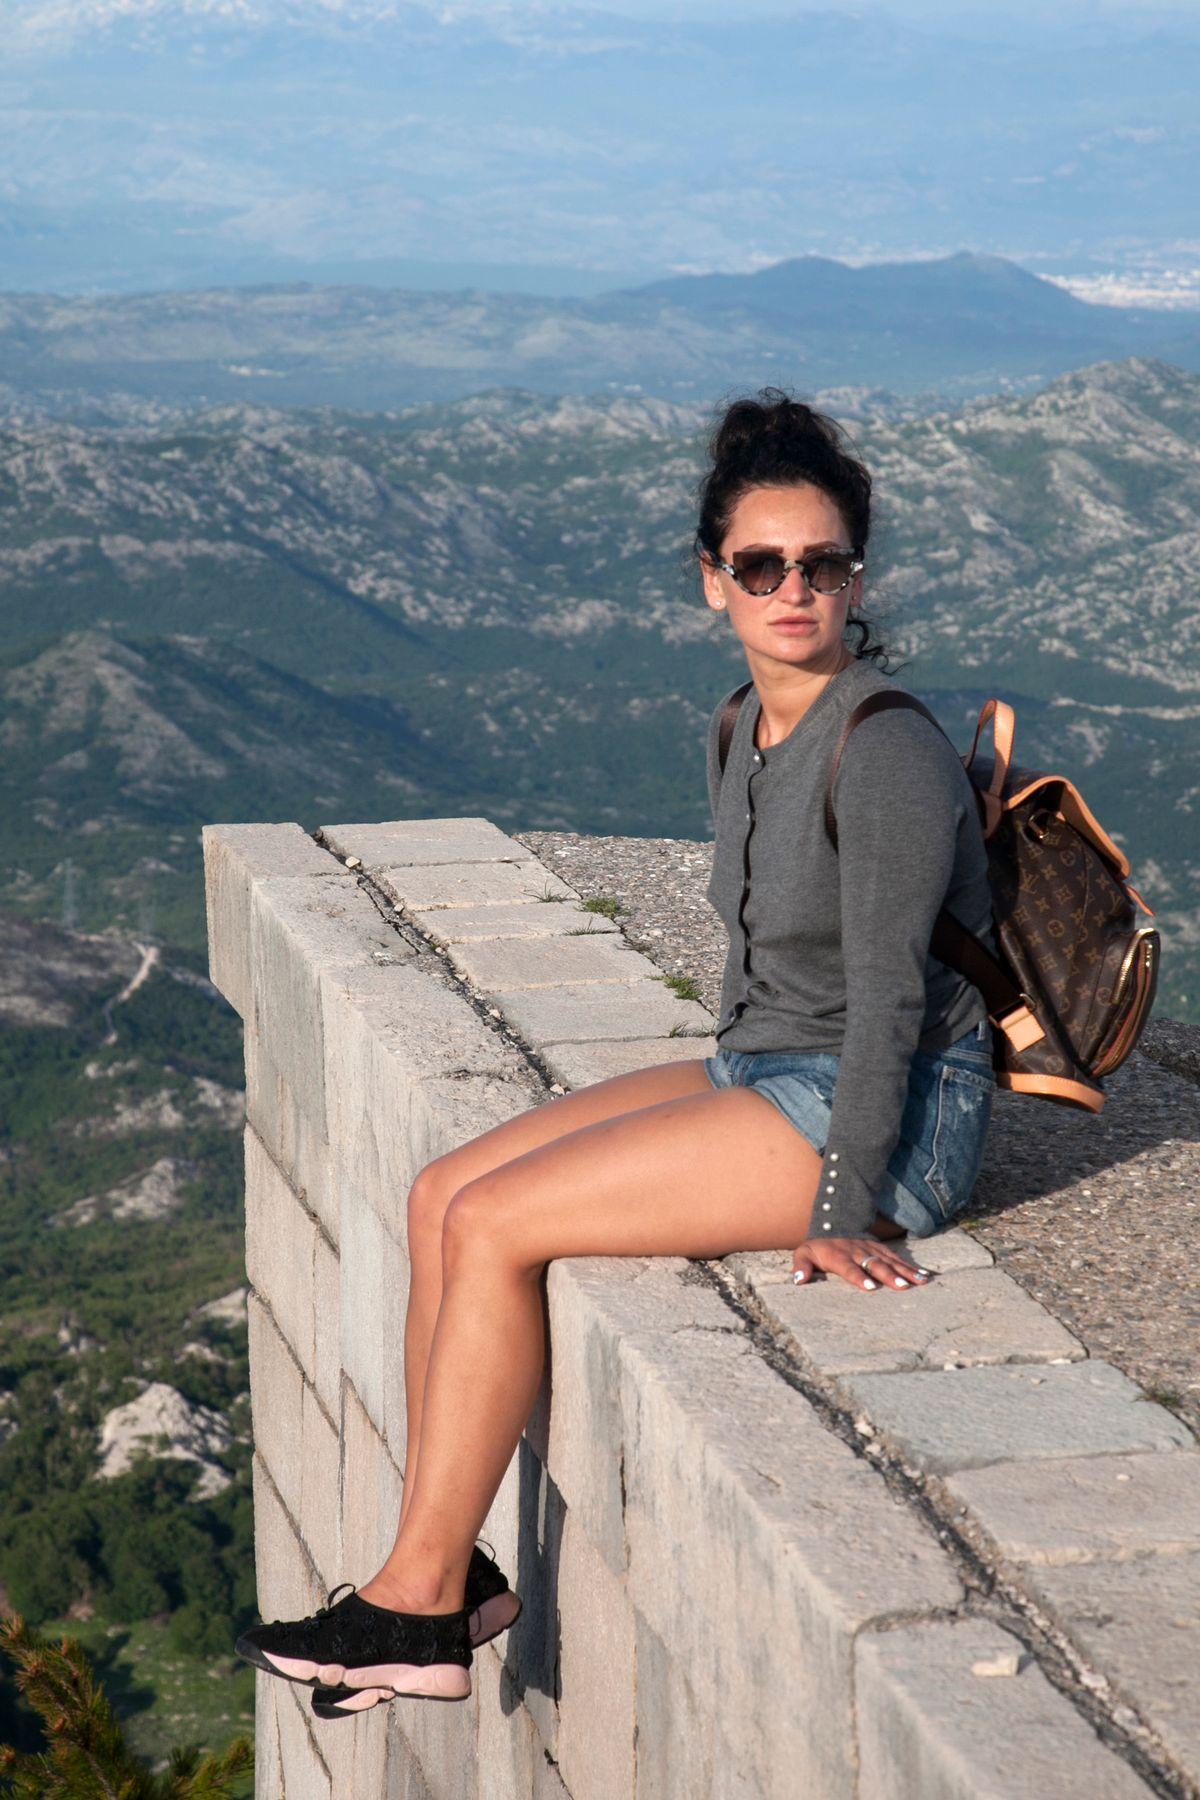 Уна девушка солнечные очки шорты рюкзак горы